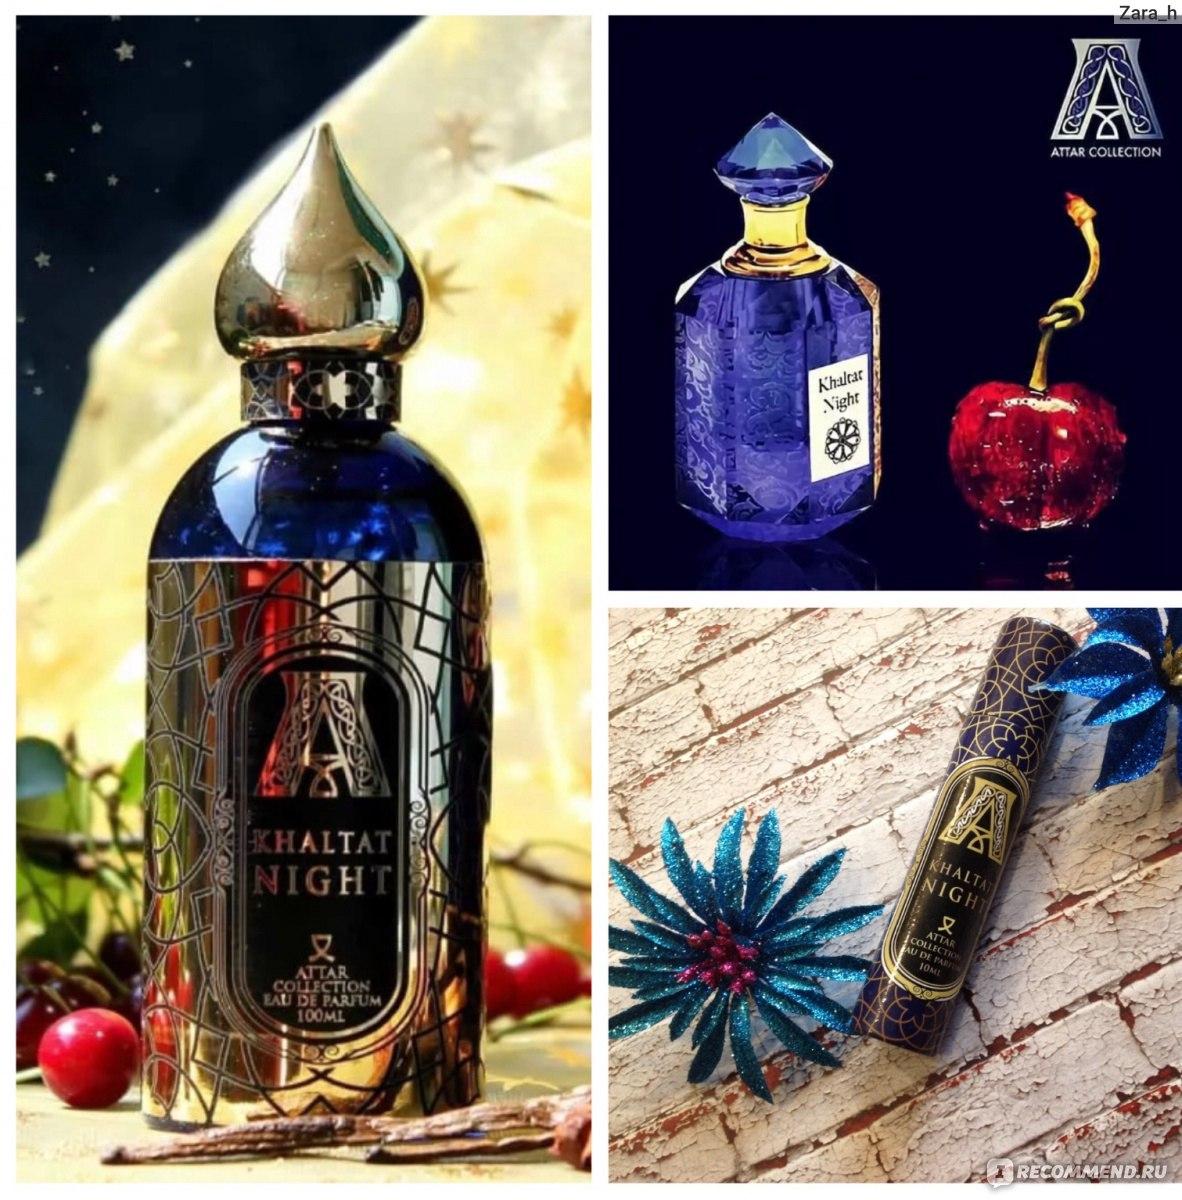 Attar Collection Khaltat Night фантастический вишнево табачный